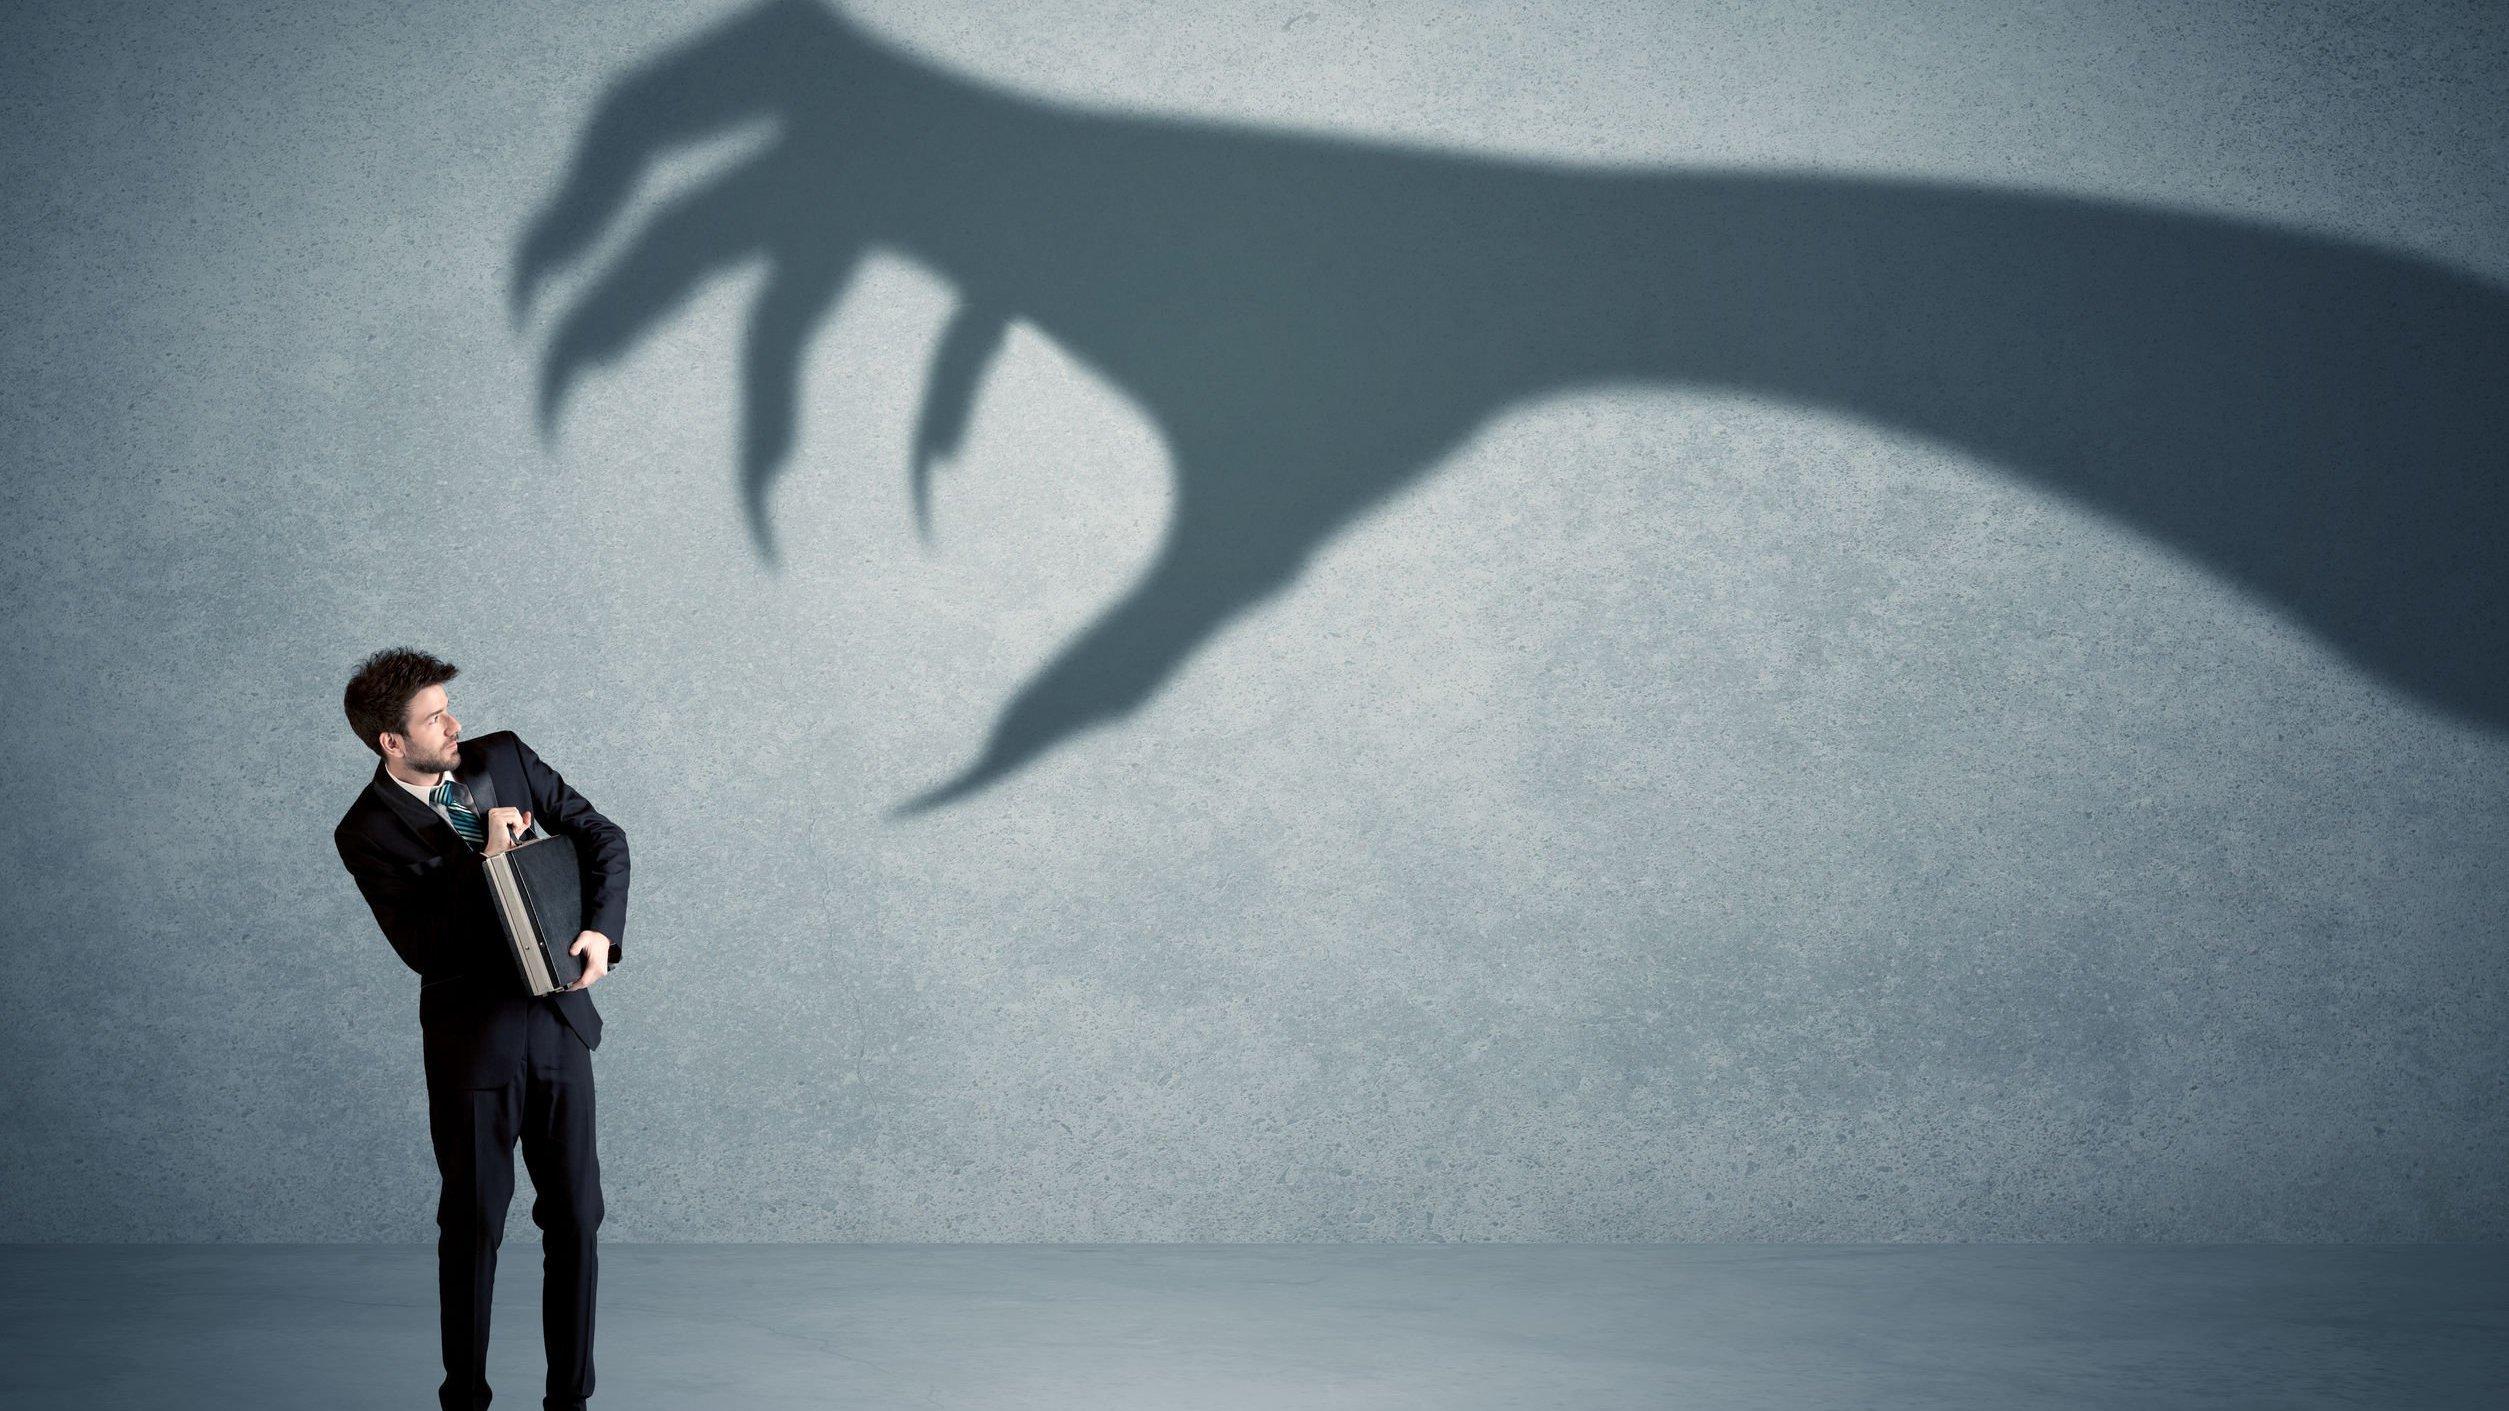 Homem com medo, olhando para sombra de mão em parede.